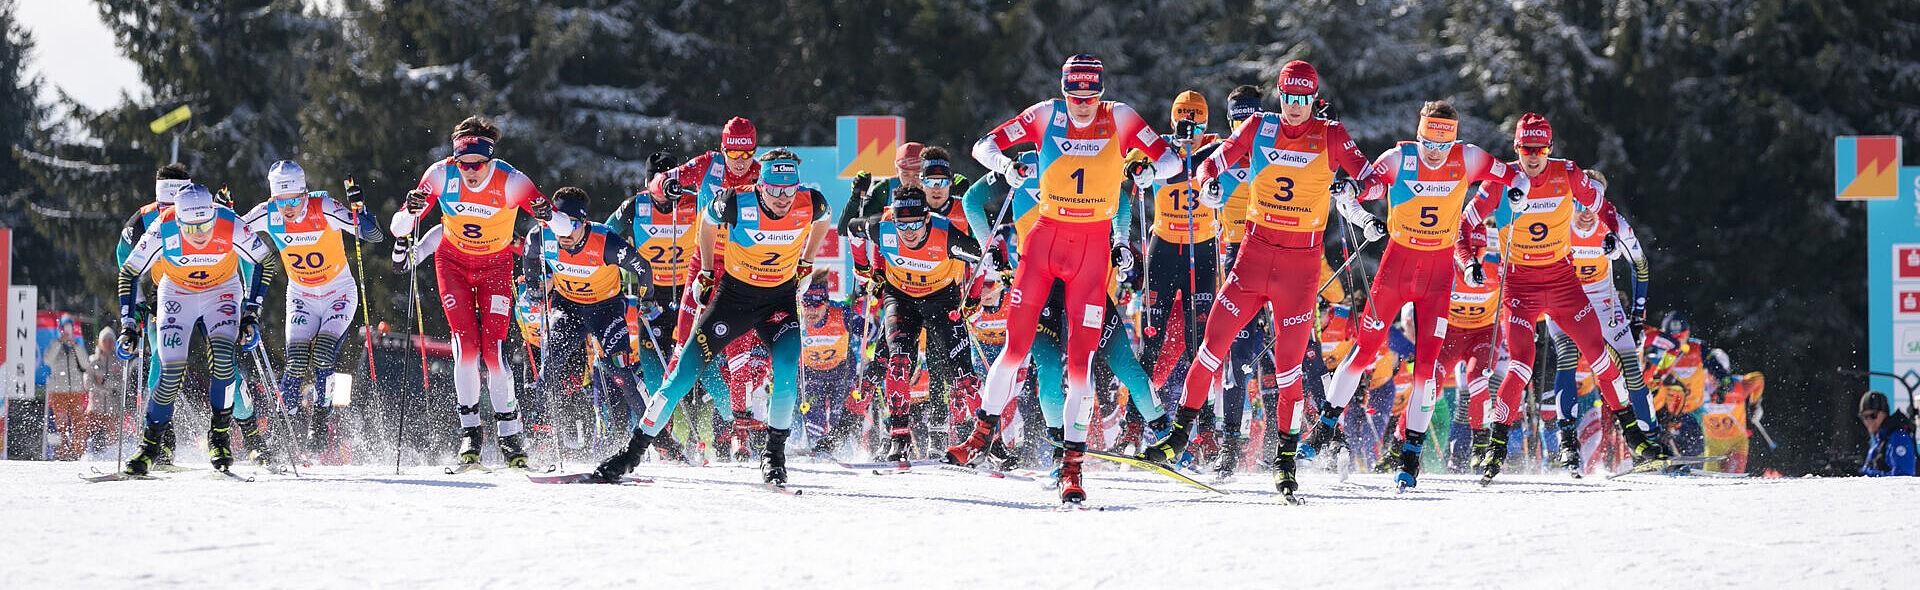 Oberwiesenthal Skilanglauf Trainingszentrum Juniorenweltmeisterschaft